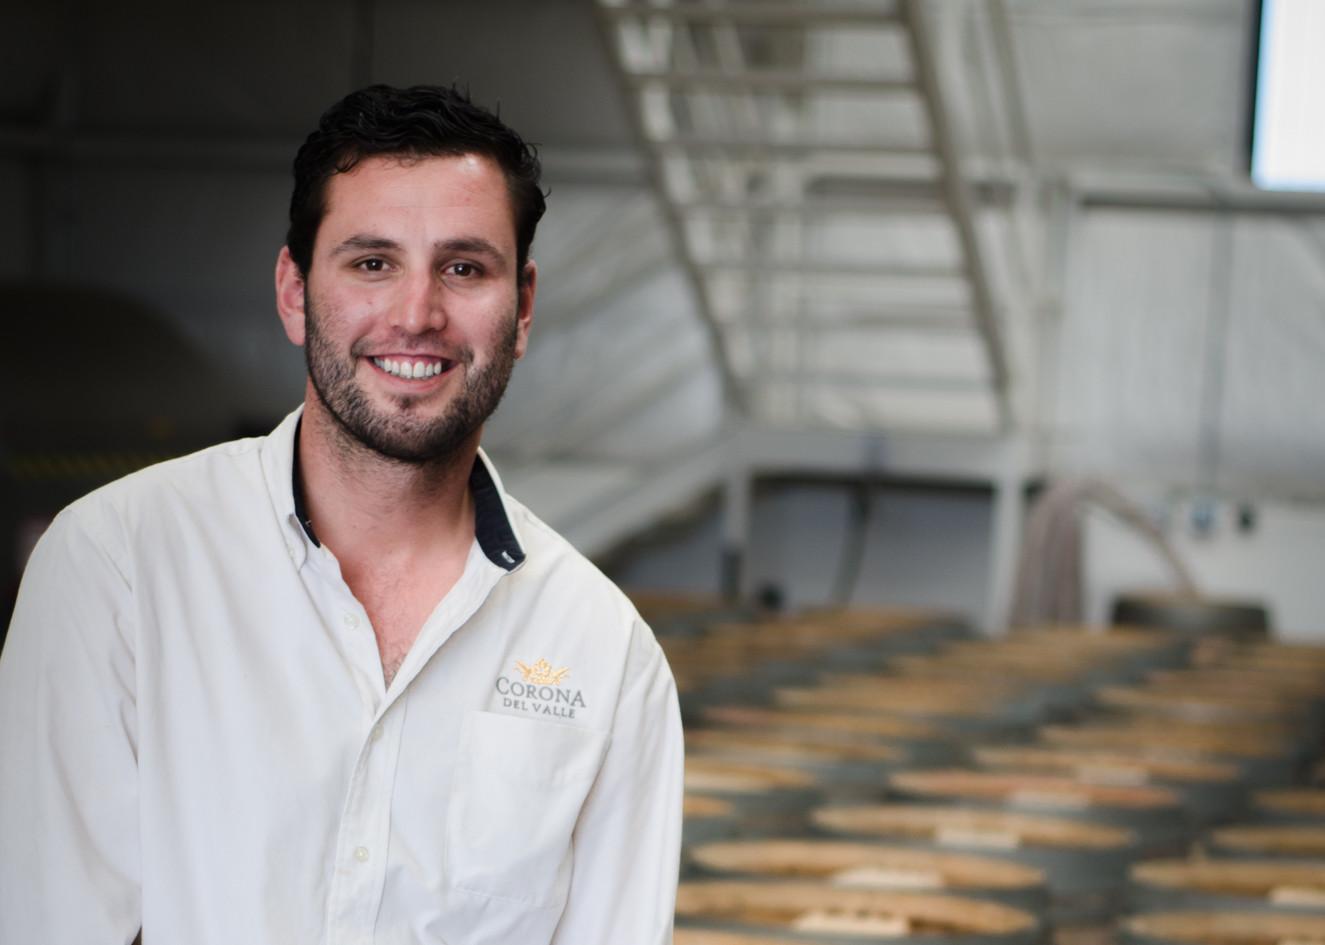 Co-winemaker Ricardo Espinoza of Corona del Valle